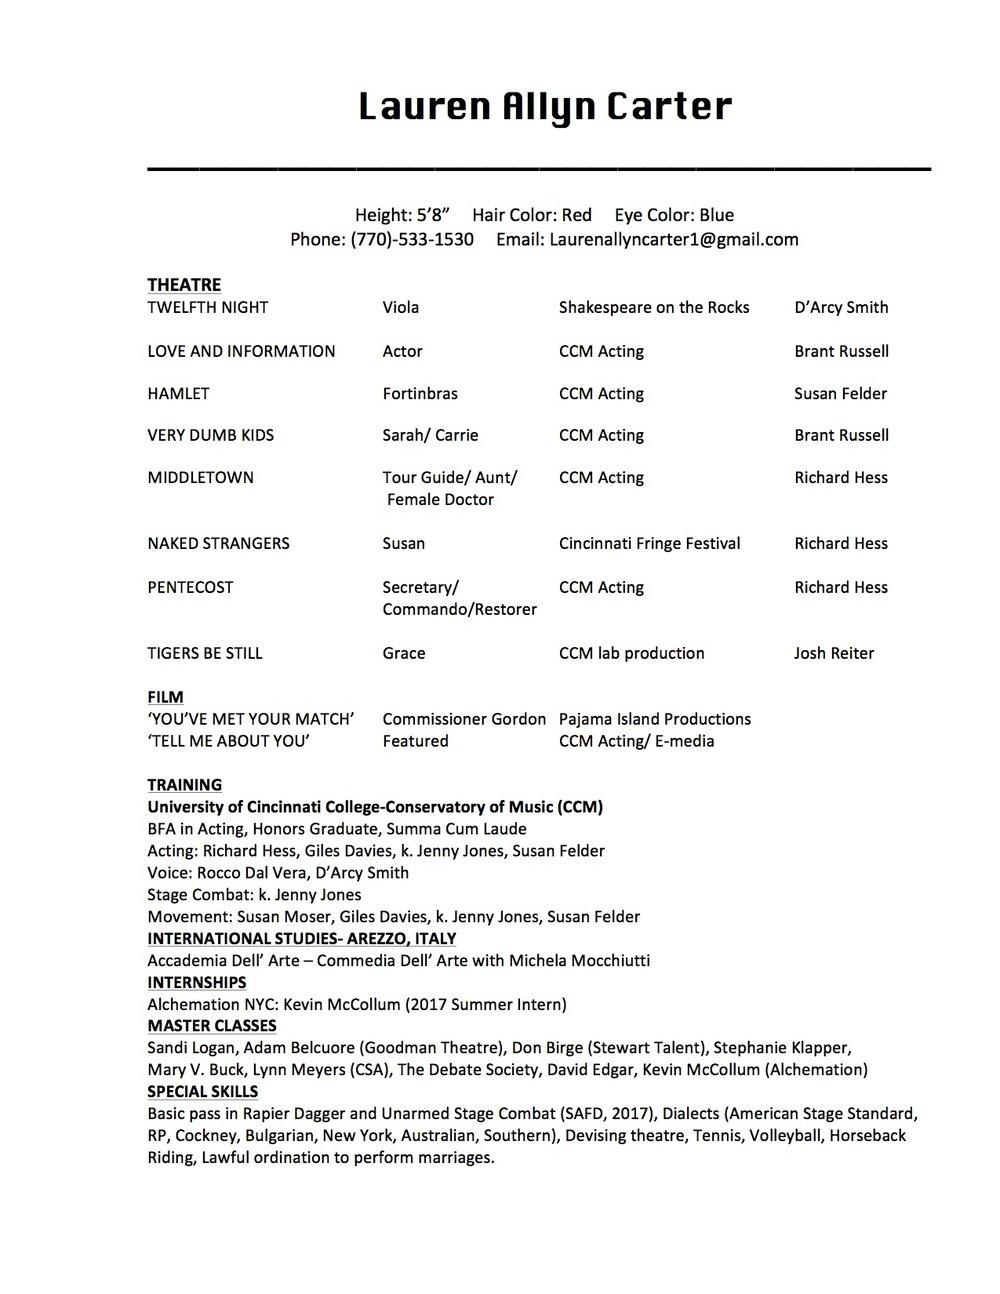 Lauren Allyn Carter Resume - 2 .jpg